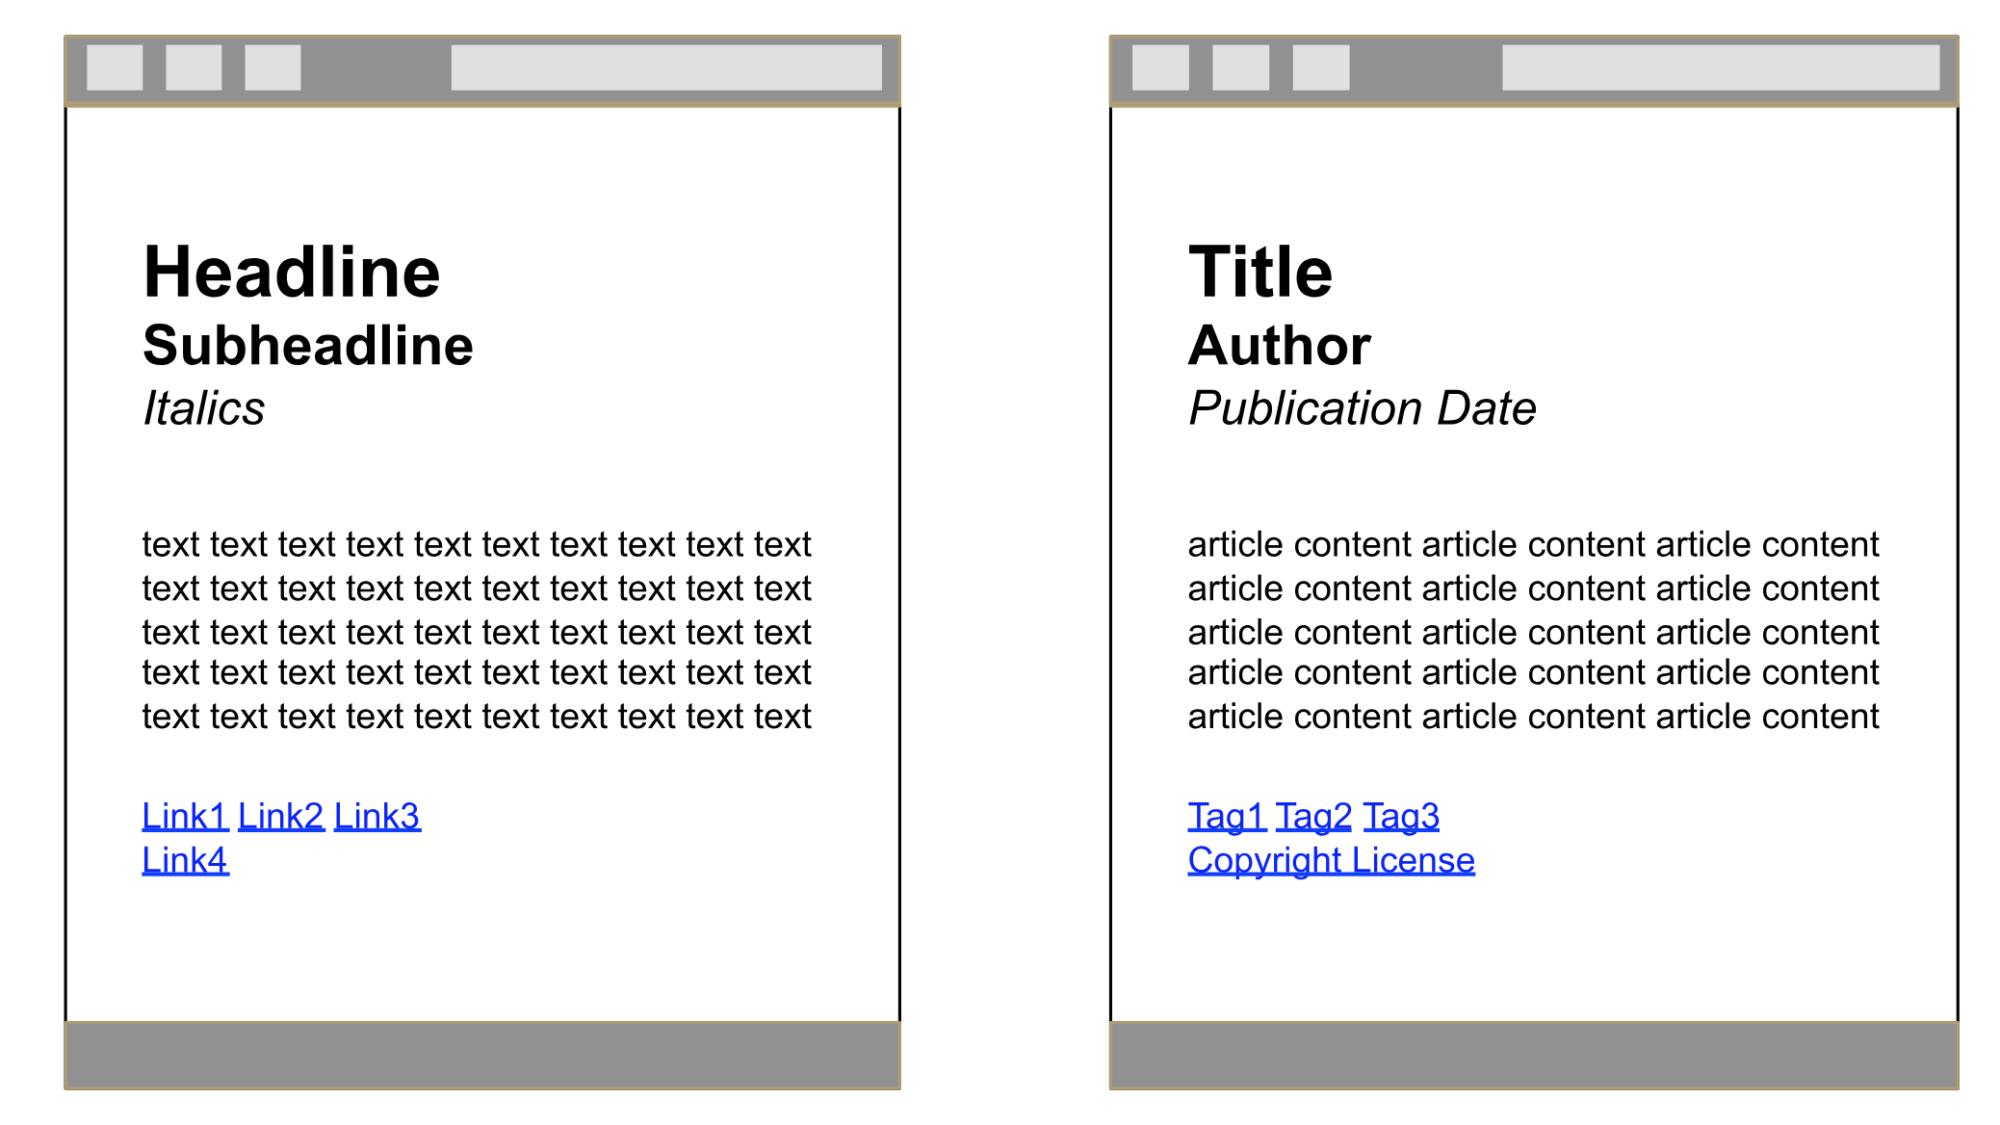 Schemagrafik zur Erkennung von Inhalten, Quelle: RDFa 1.1 Spezifikation